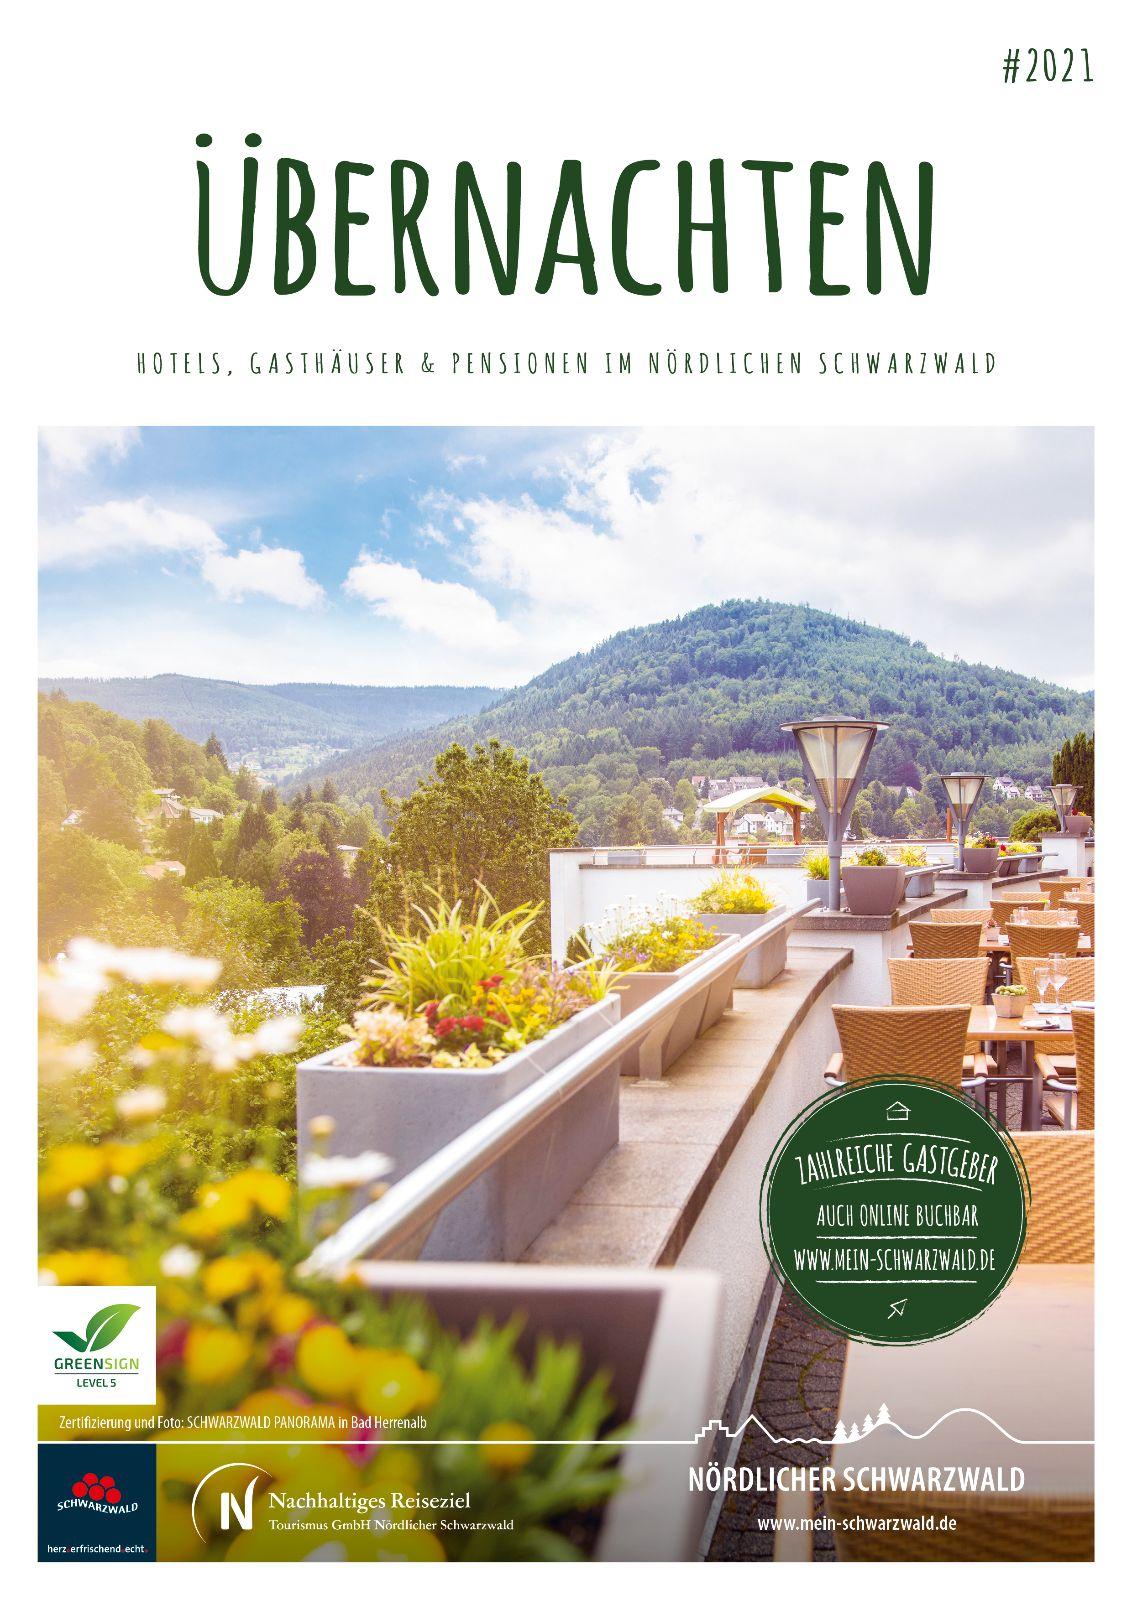 Gastgeberverzeichnis Nördlicher Schwarzwald  - Hotel, Gasthöfe, Pensionen